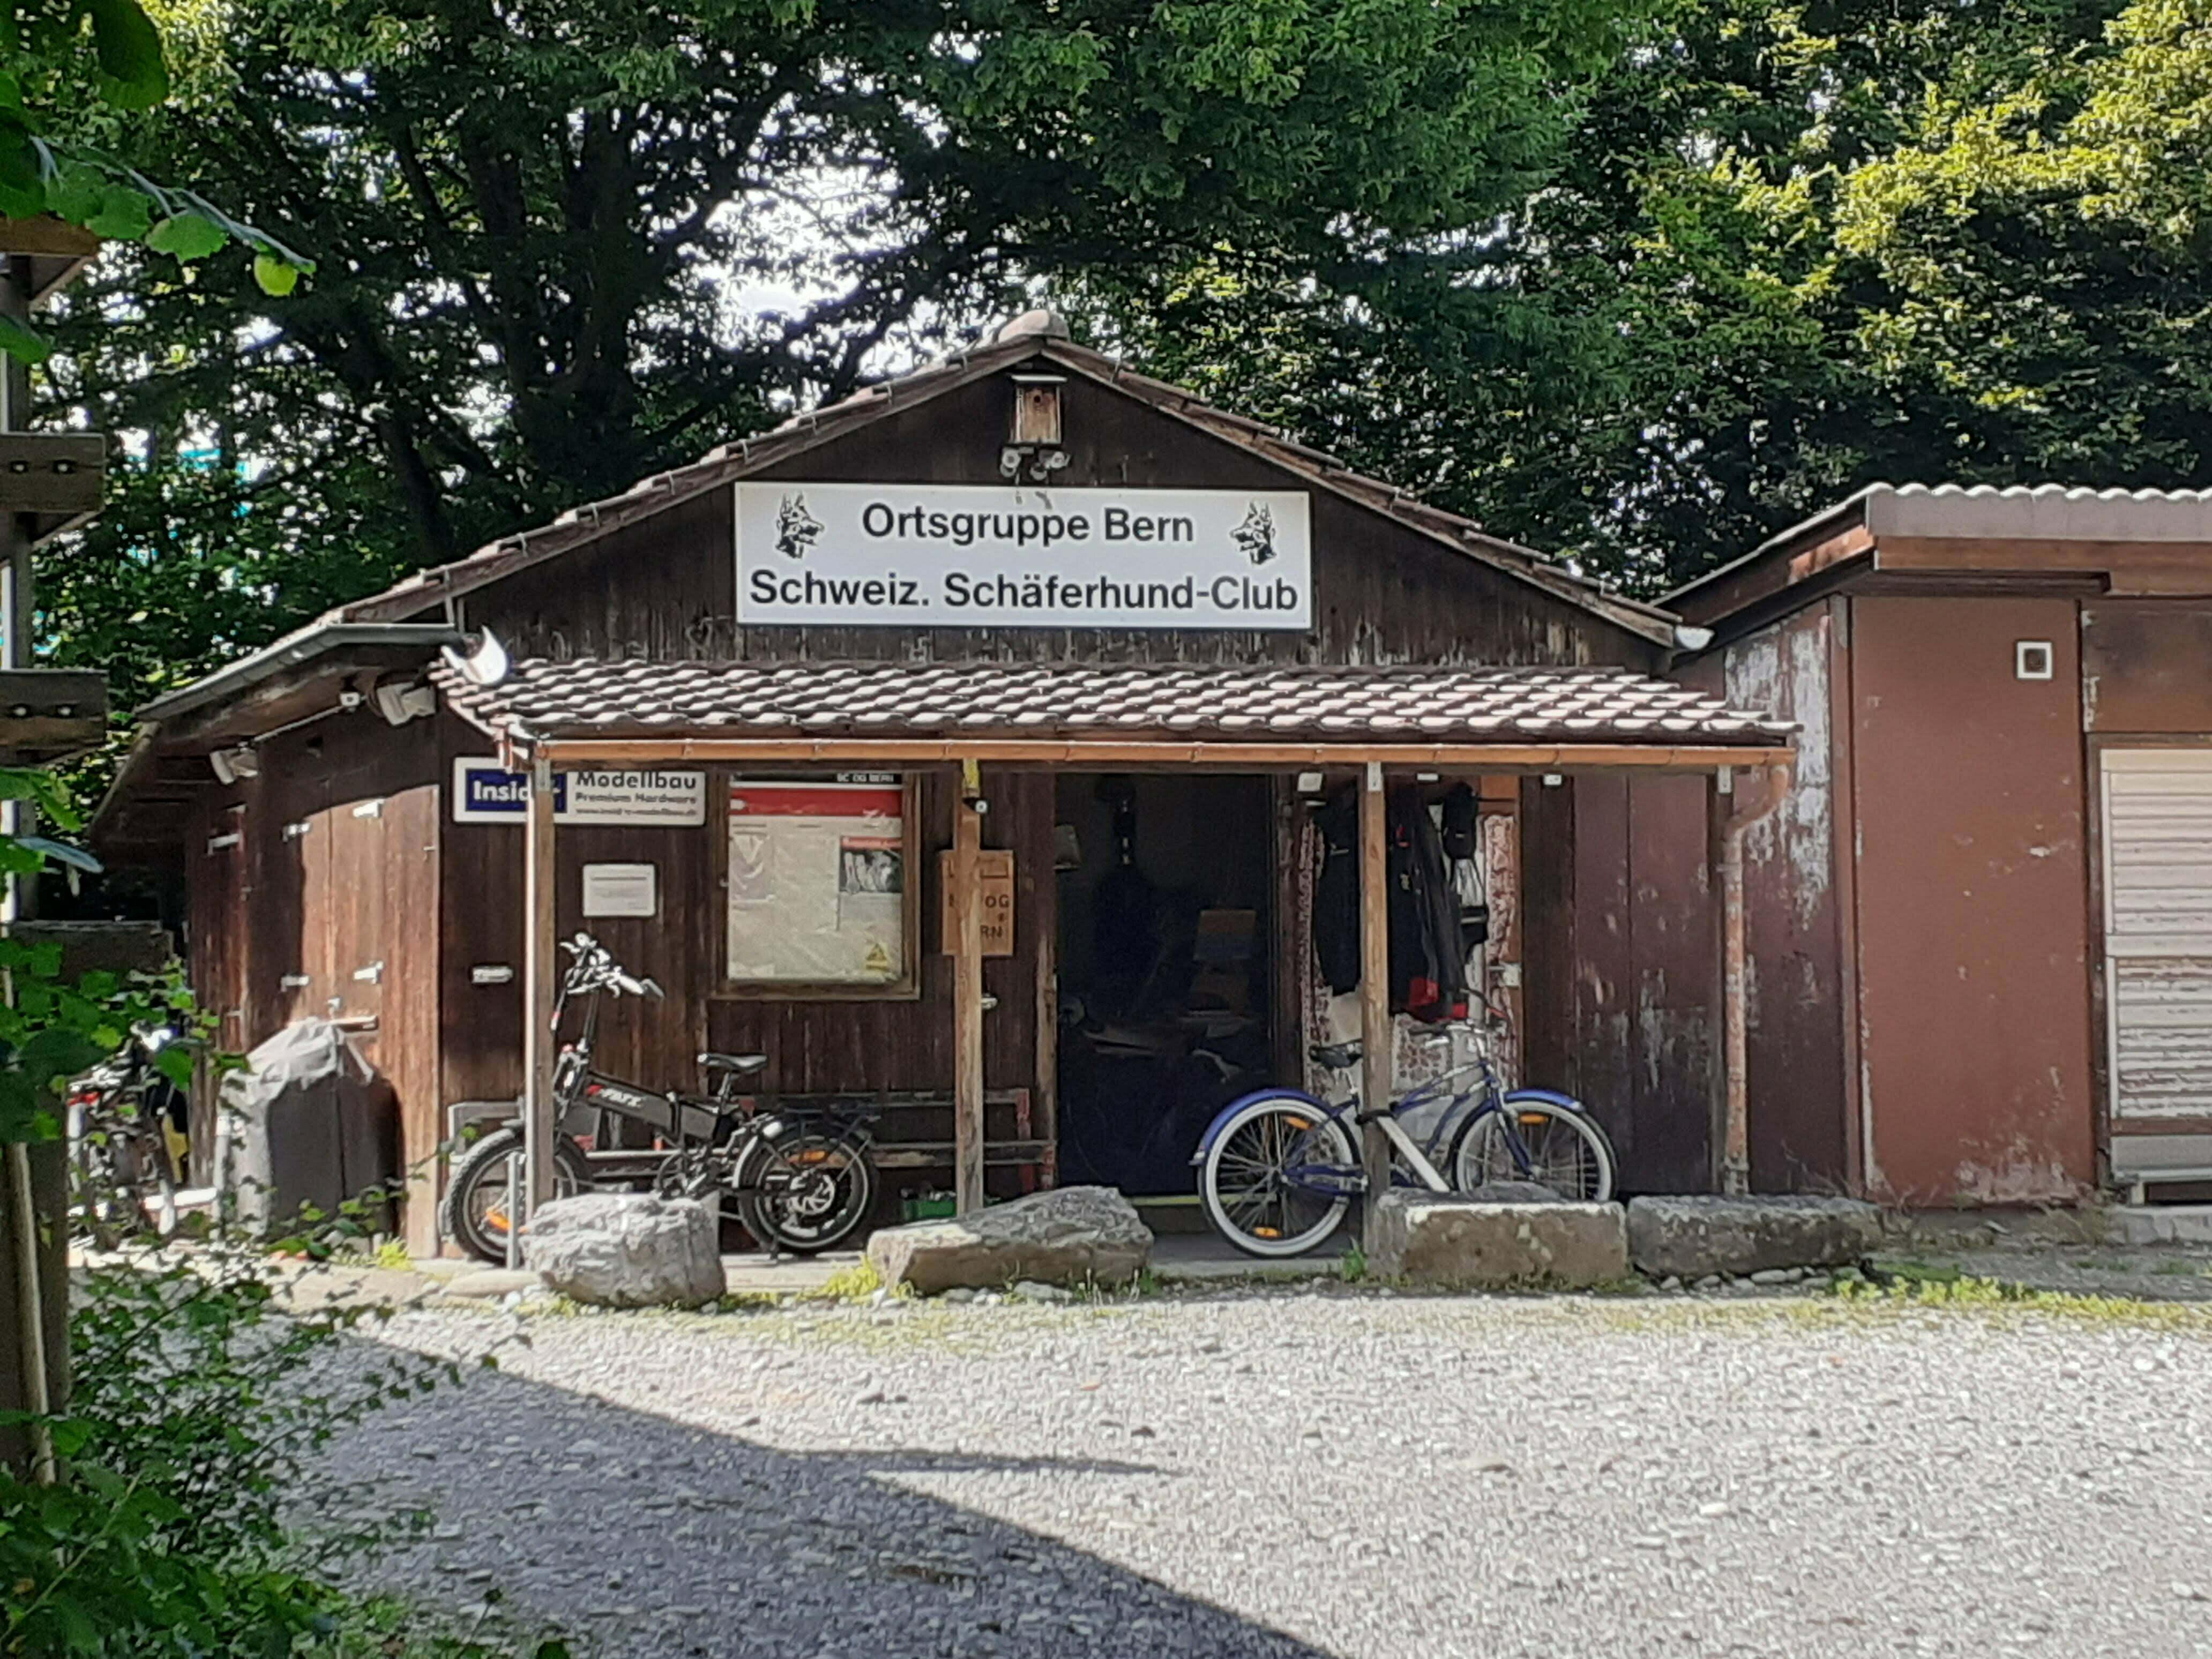 Schon seit über hundert Jahren auf dem Platz zuhause: Die Ortsgruppe Bern des Schweizerischen Schäferhundclubs. (Foto: Rahel Schaad)